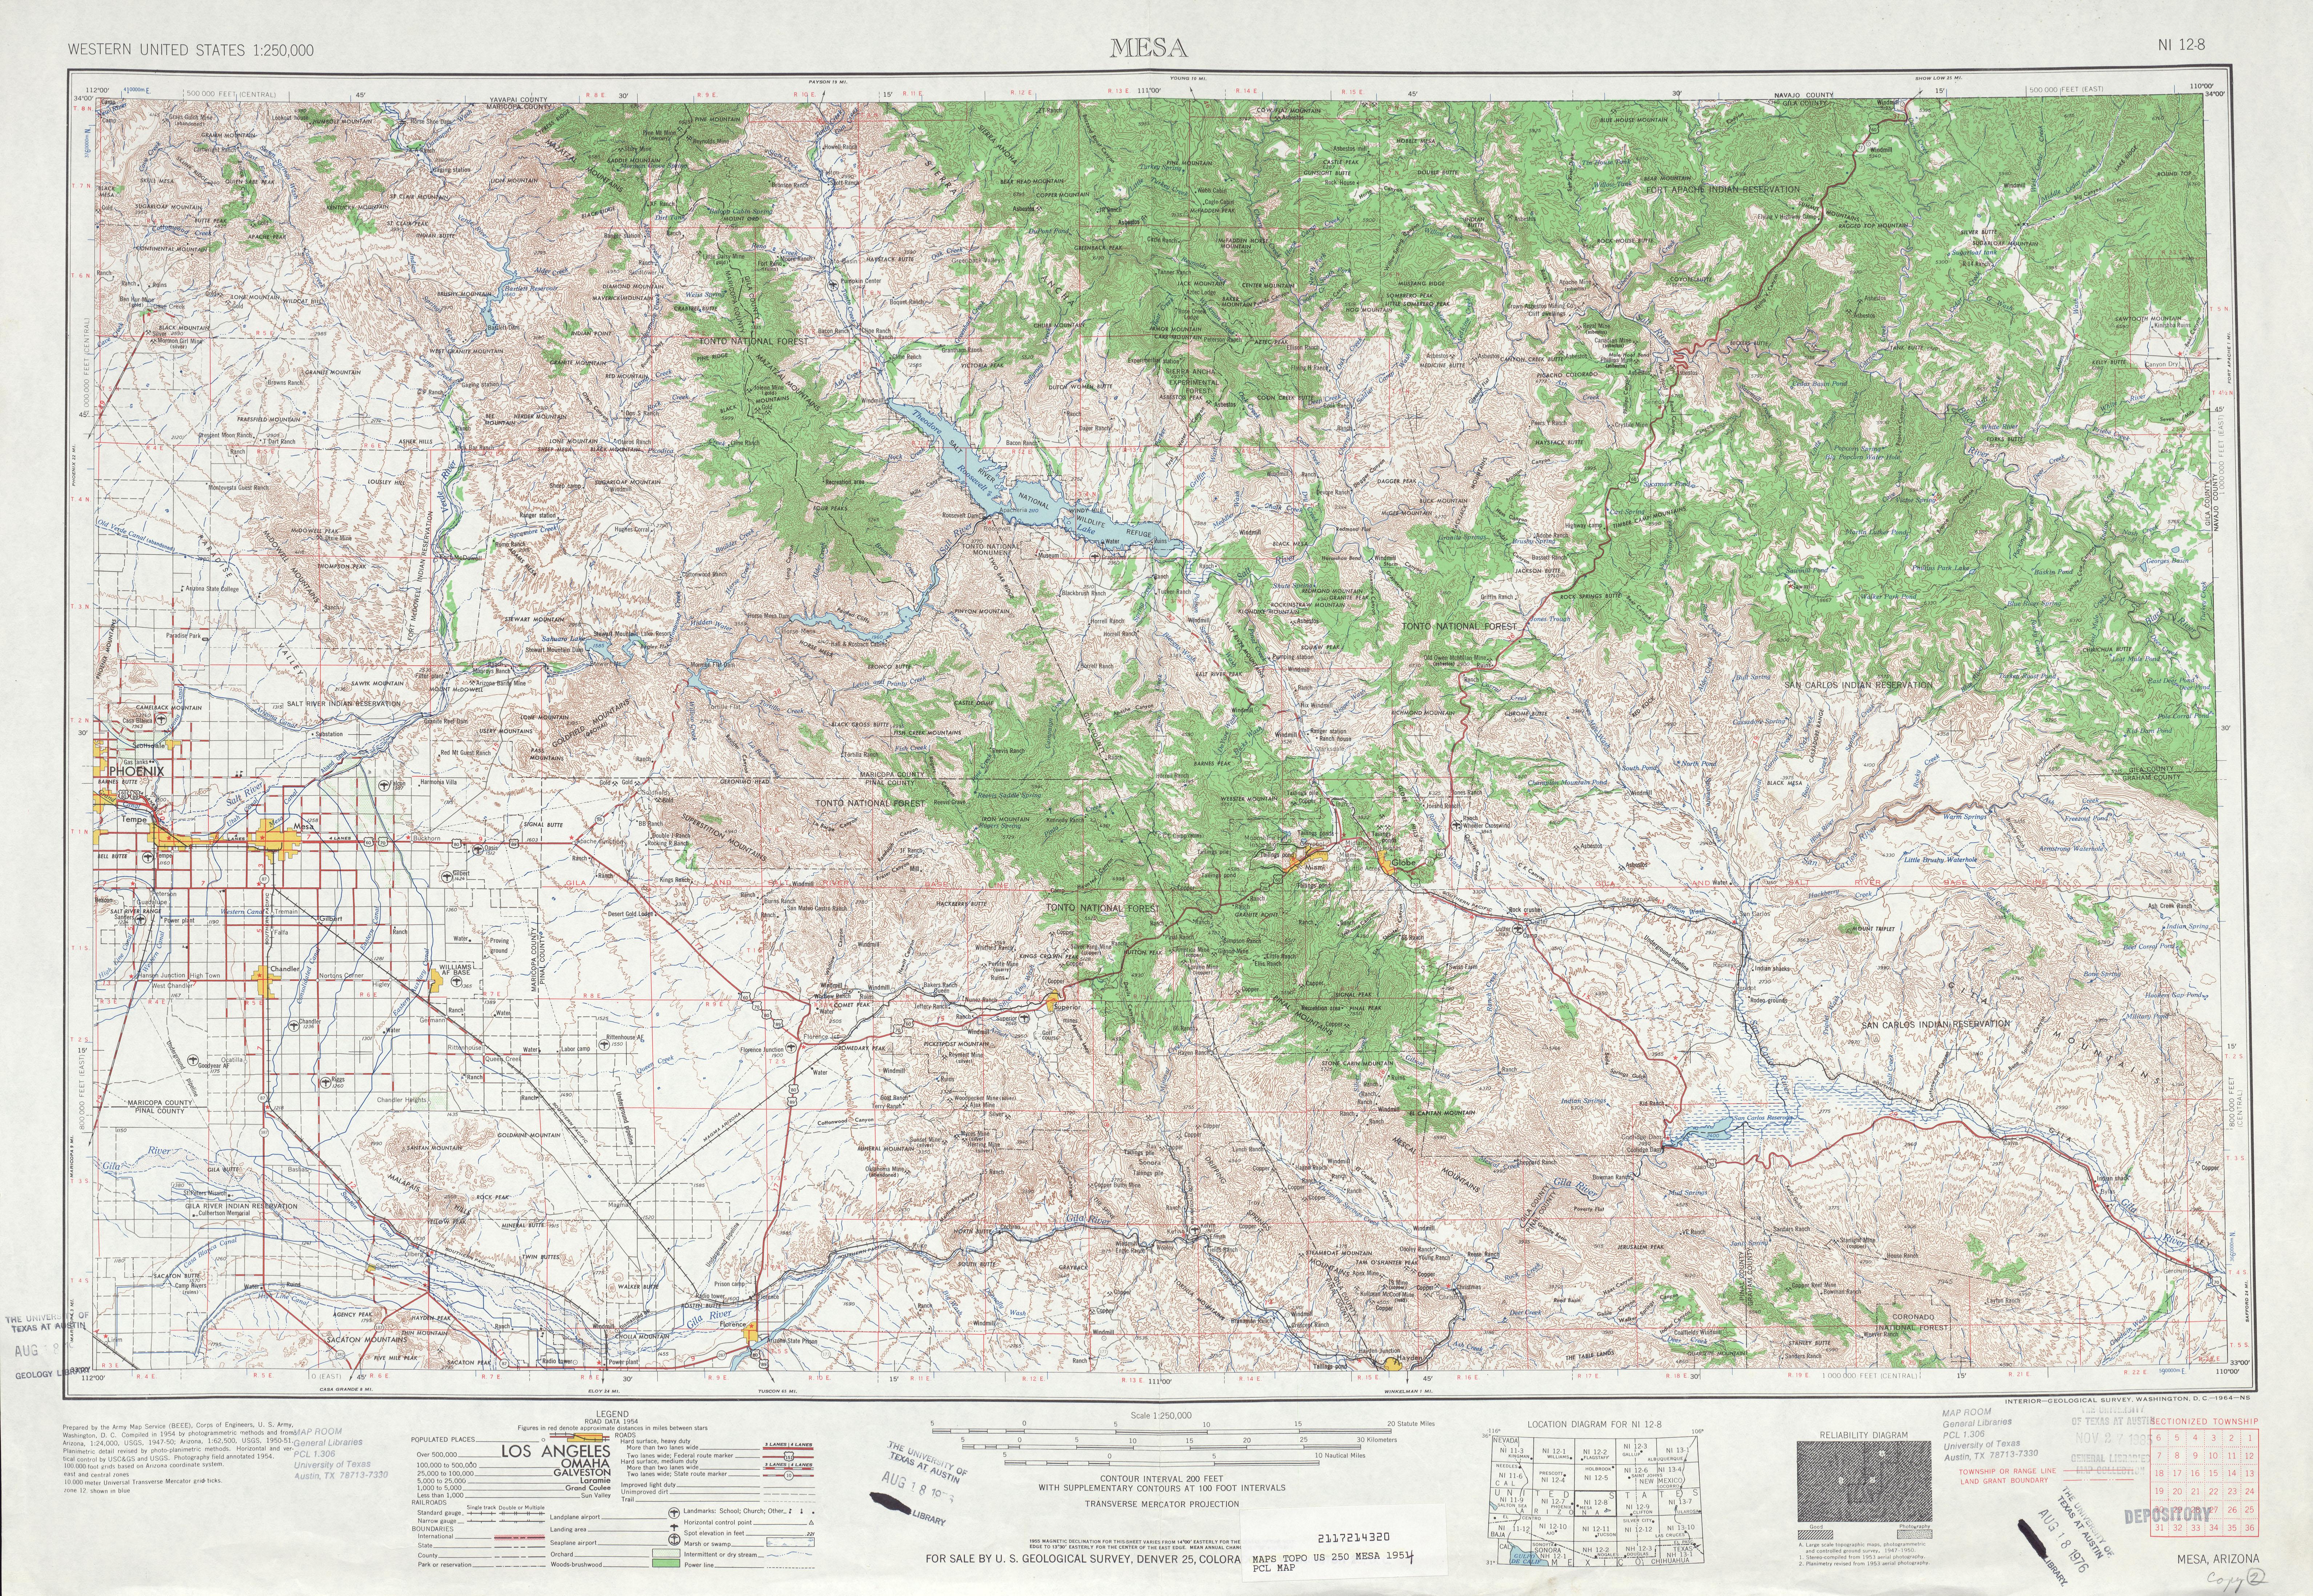 Hoja Mesa del Mapa Topográfico de los Estados Unidos 1954